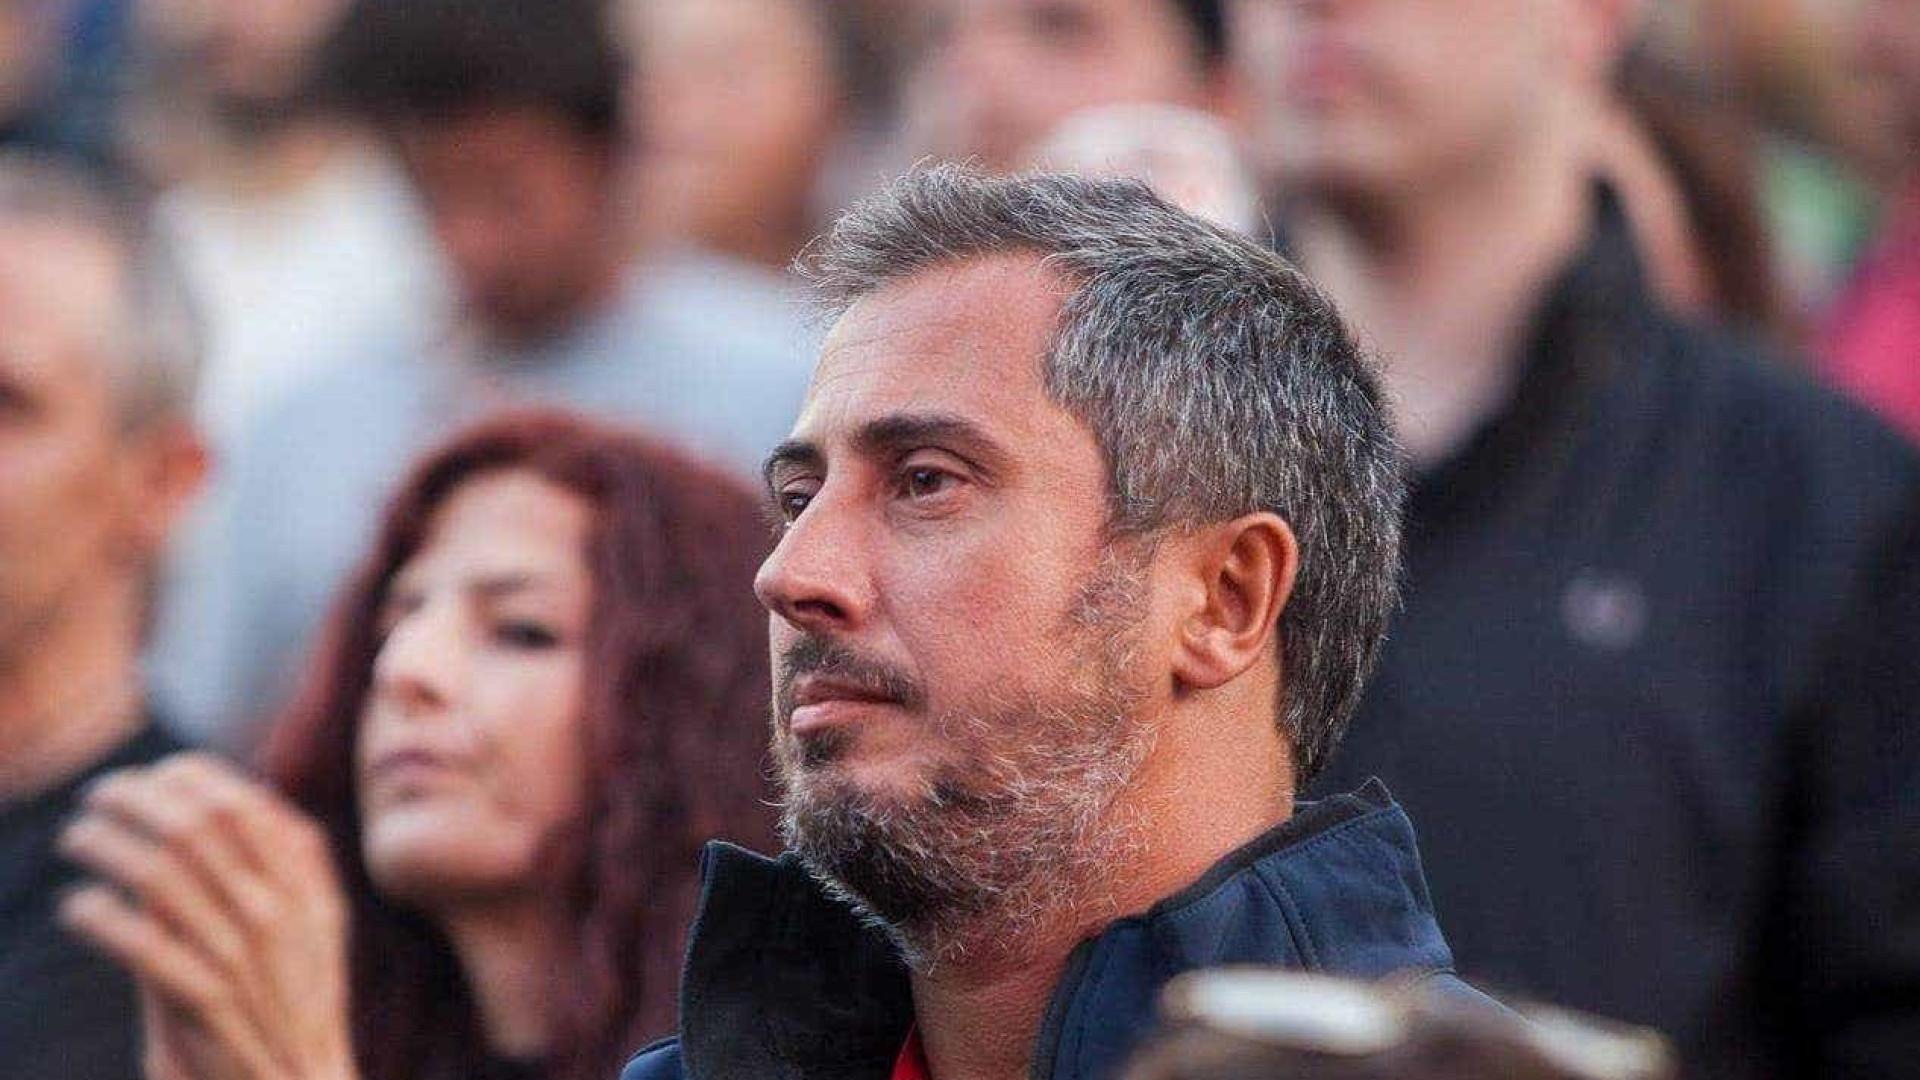 Lisboa: Coordenador autárquico lamenta saída do presidente da concelhia